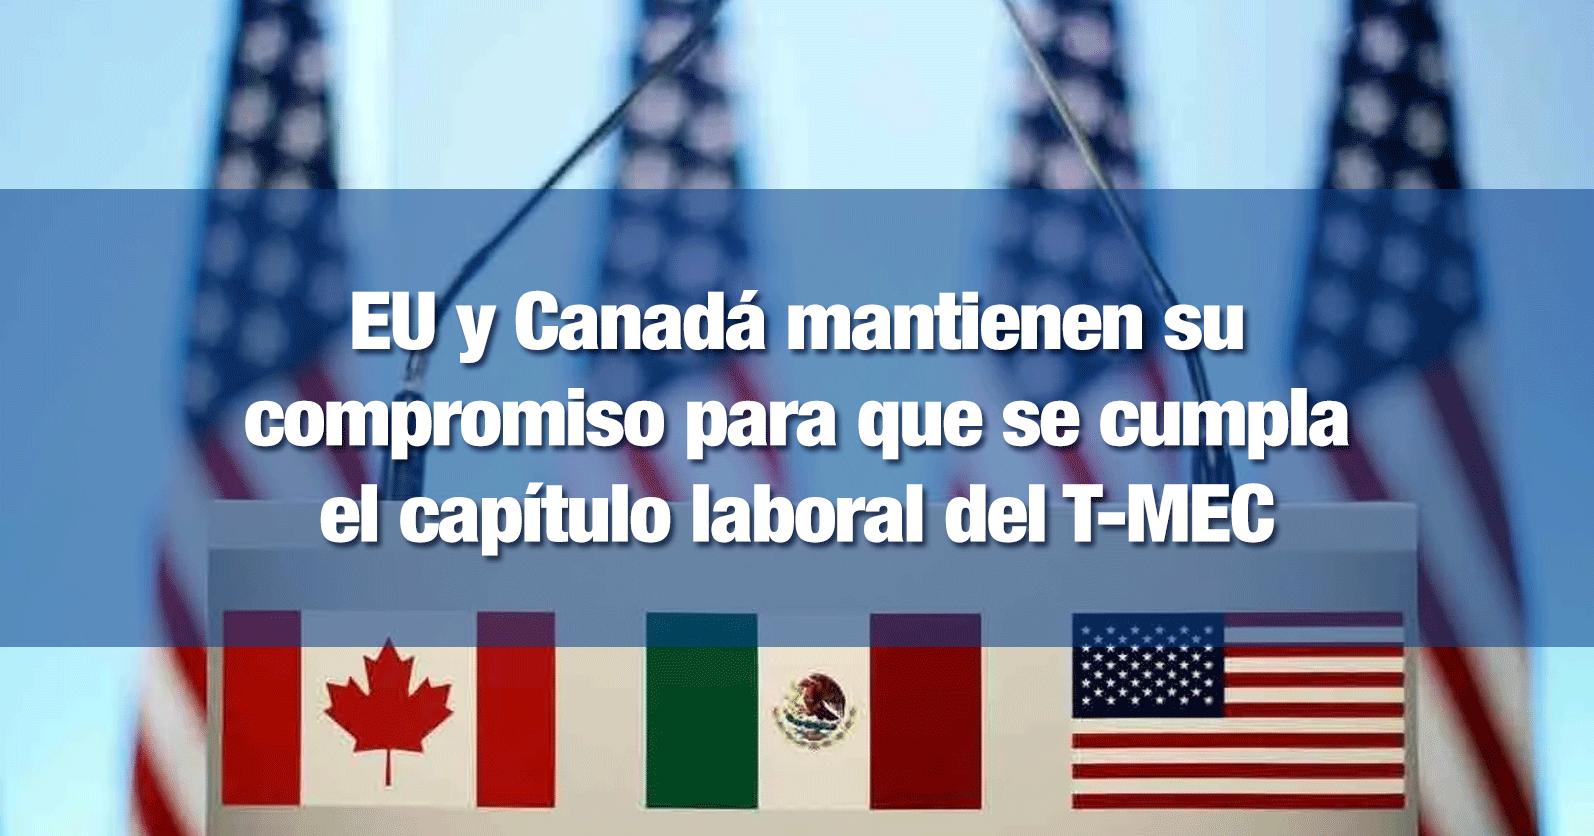 EU y Canadá mantienen su compromiso para que se cumpla el capítulo laboral del T-MEC